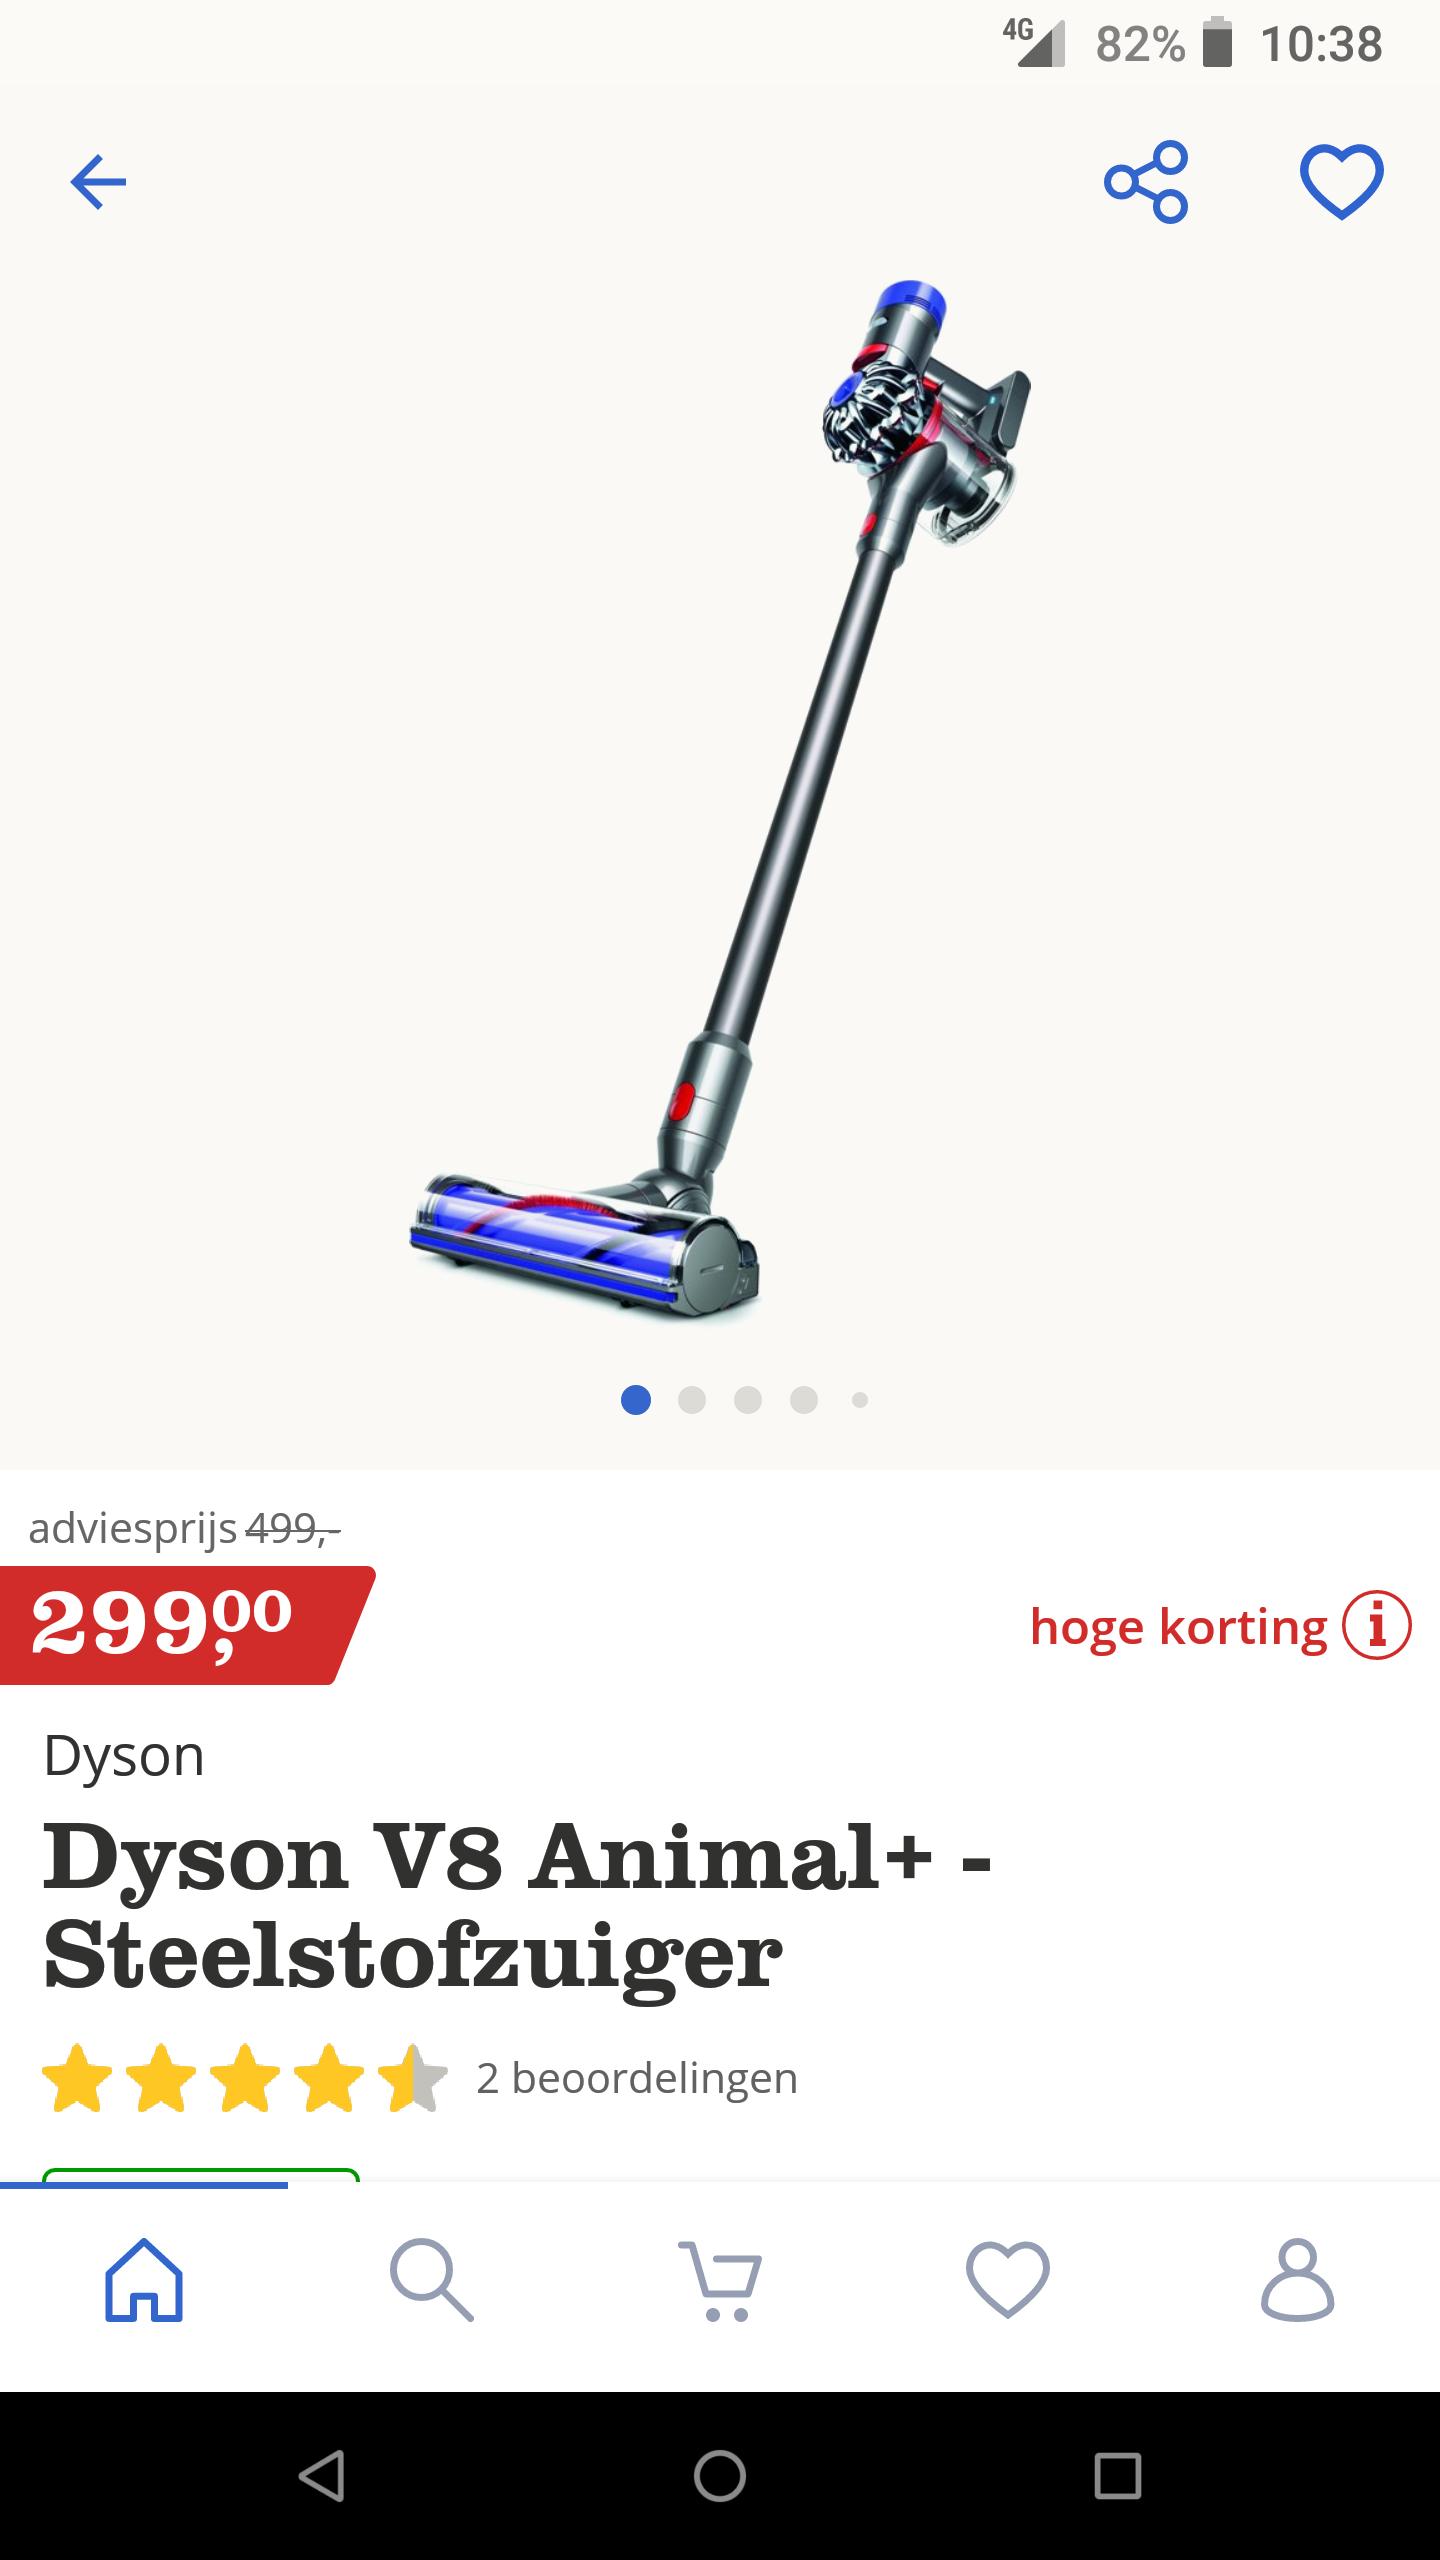 Dyson V8 animal+